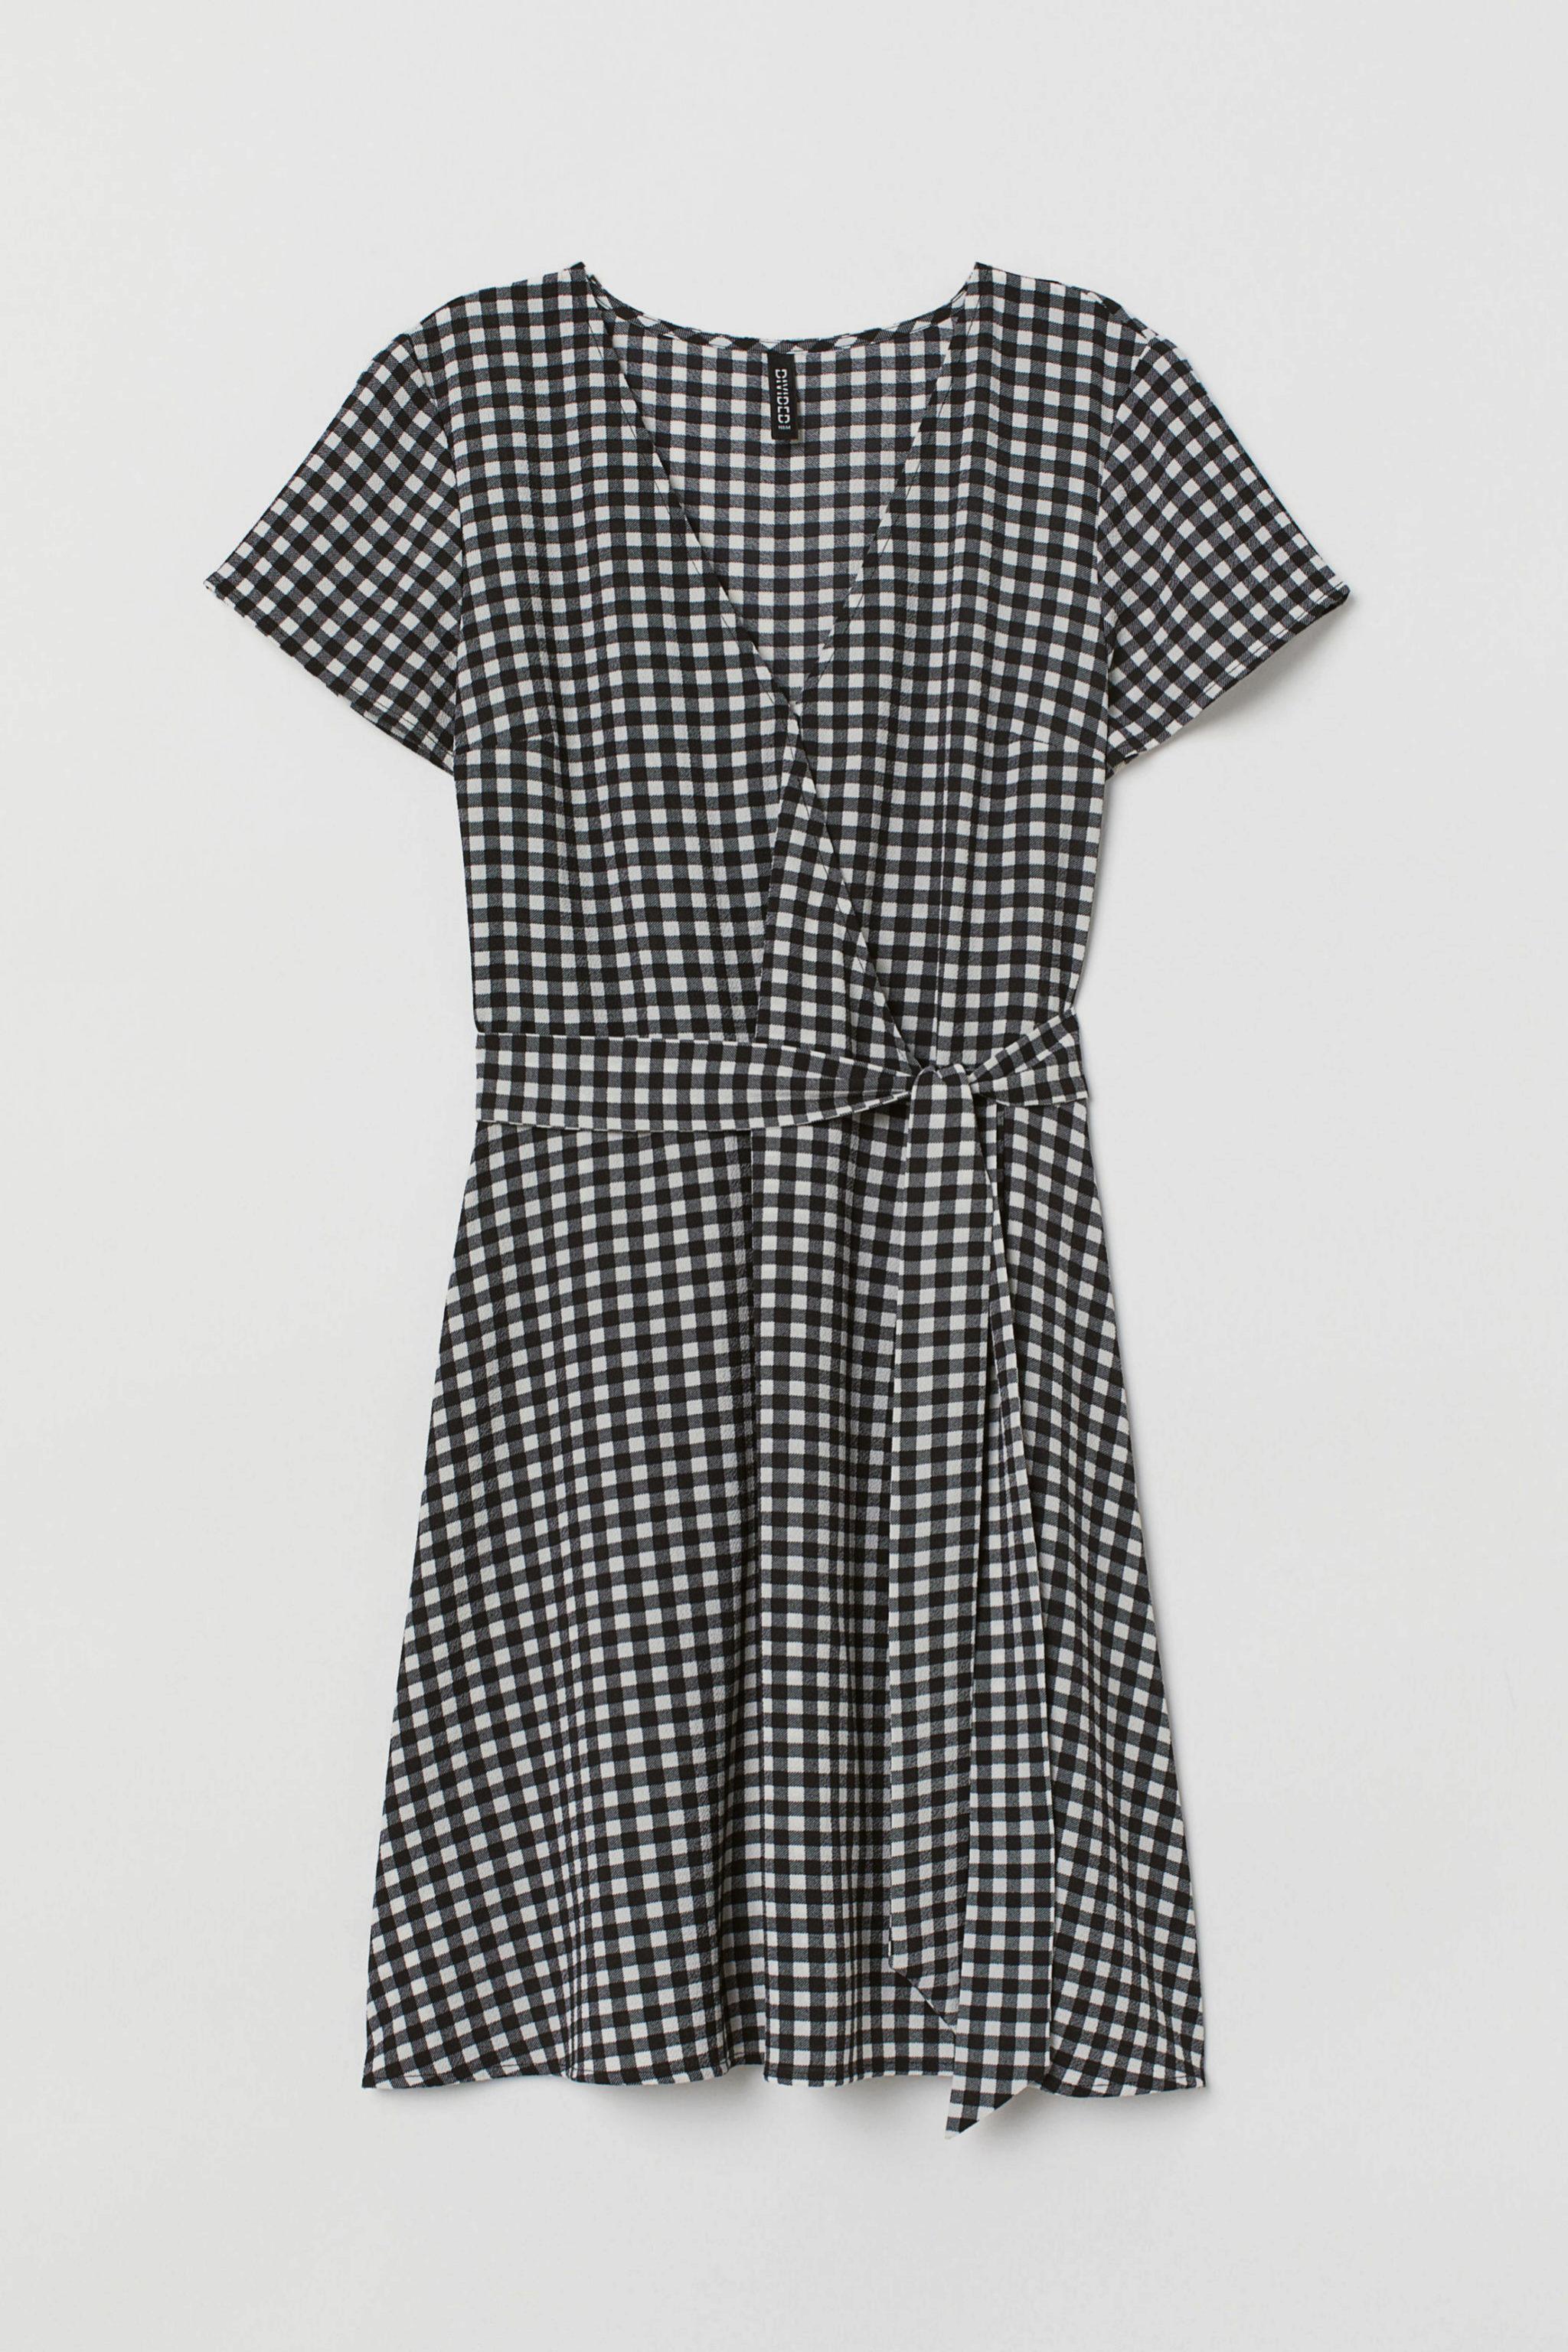 Vestido sencillo de cuadros vichy de H&M (11,99¤)